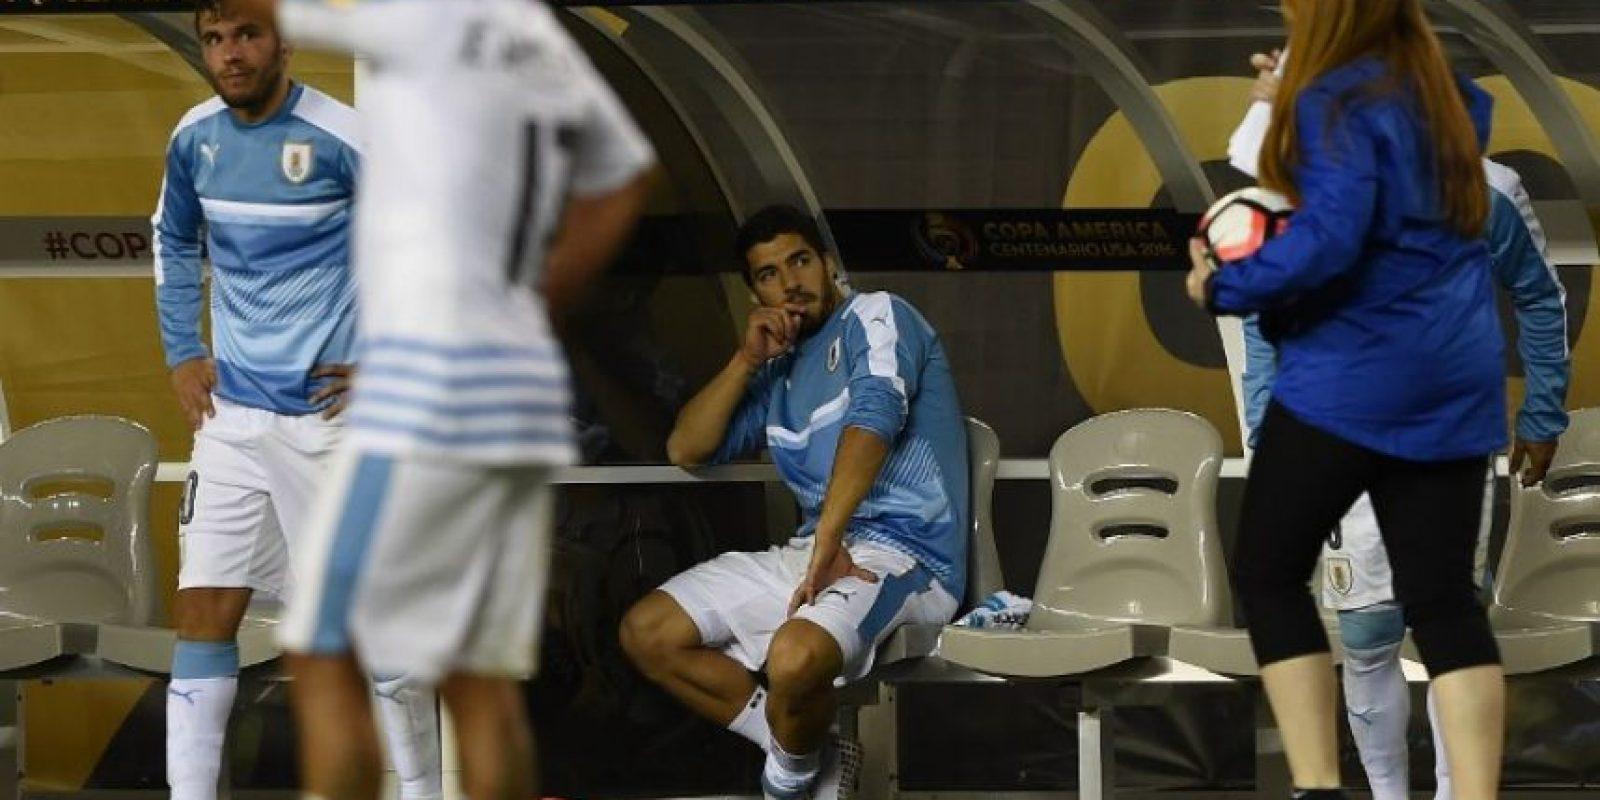 Además de pegarle a la banca, Suárez lanzó el peto de la Copa América Centenario Foto:AFP